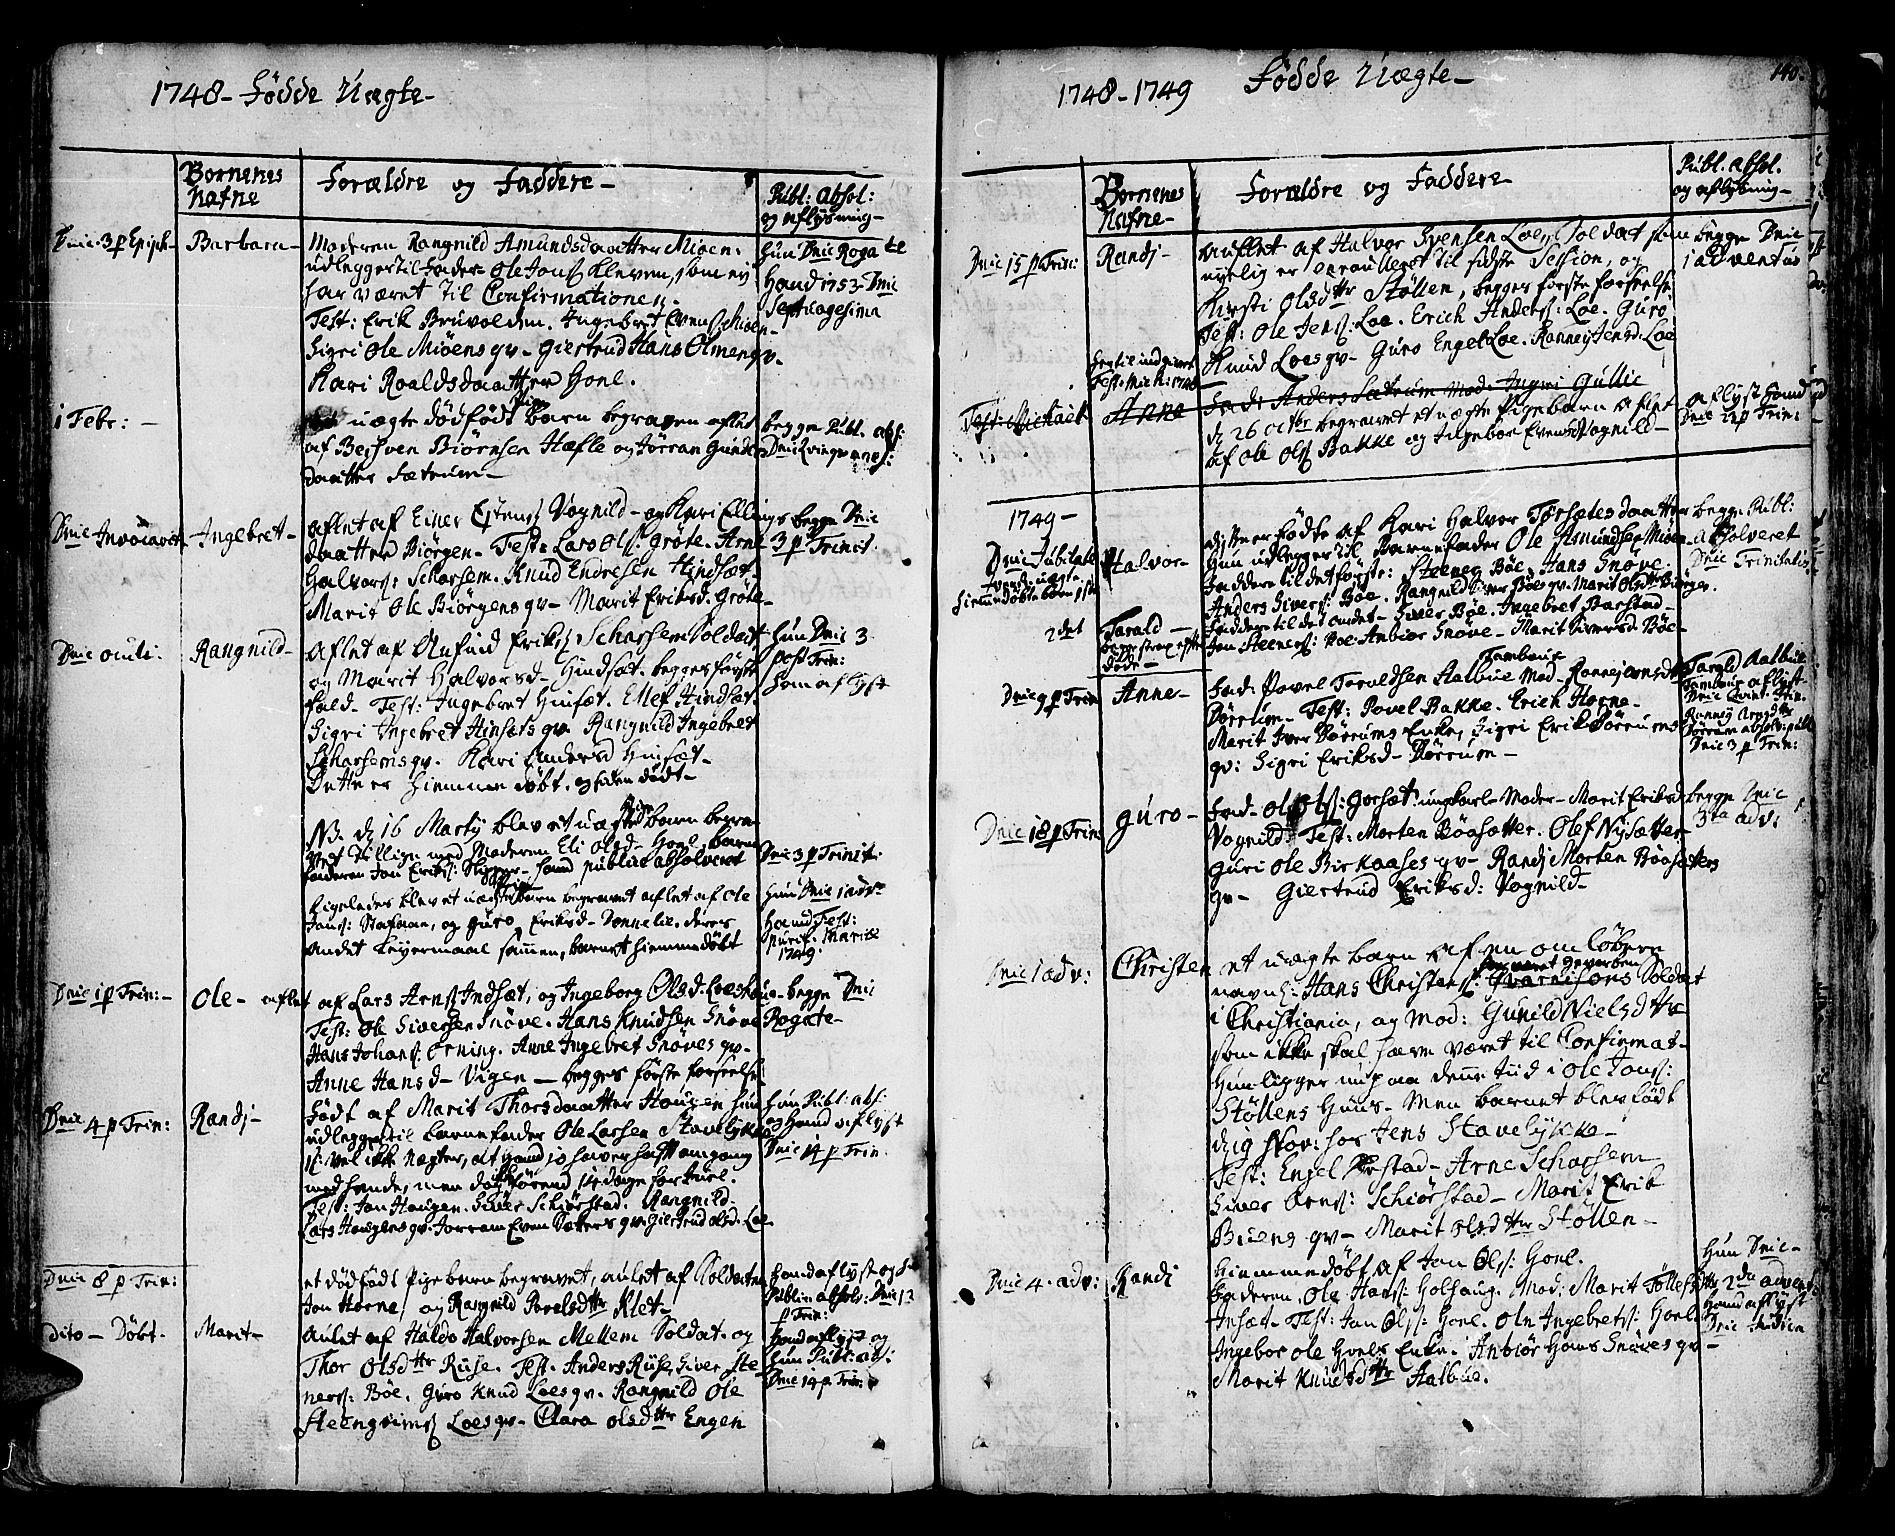 SAT, Ministerialprotokoller, klokkerbøker og fødselsregistre - Sør-Trøndelag, 678/L0891: Ministerialbok nr. 678A01, 1739-1780, s. 140